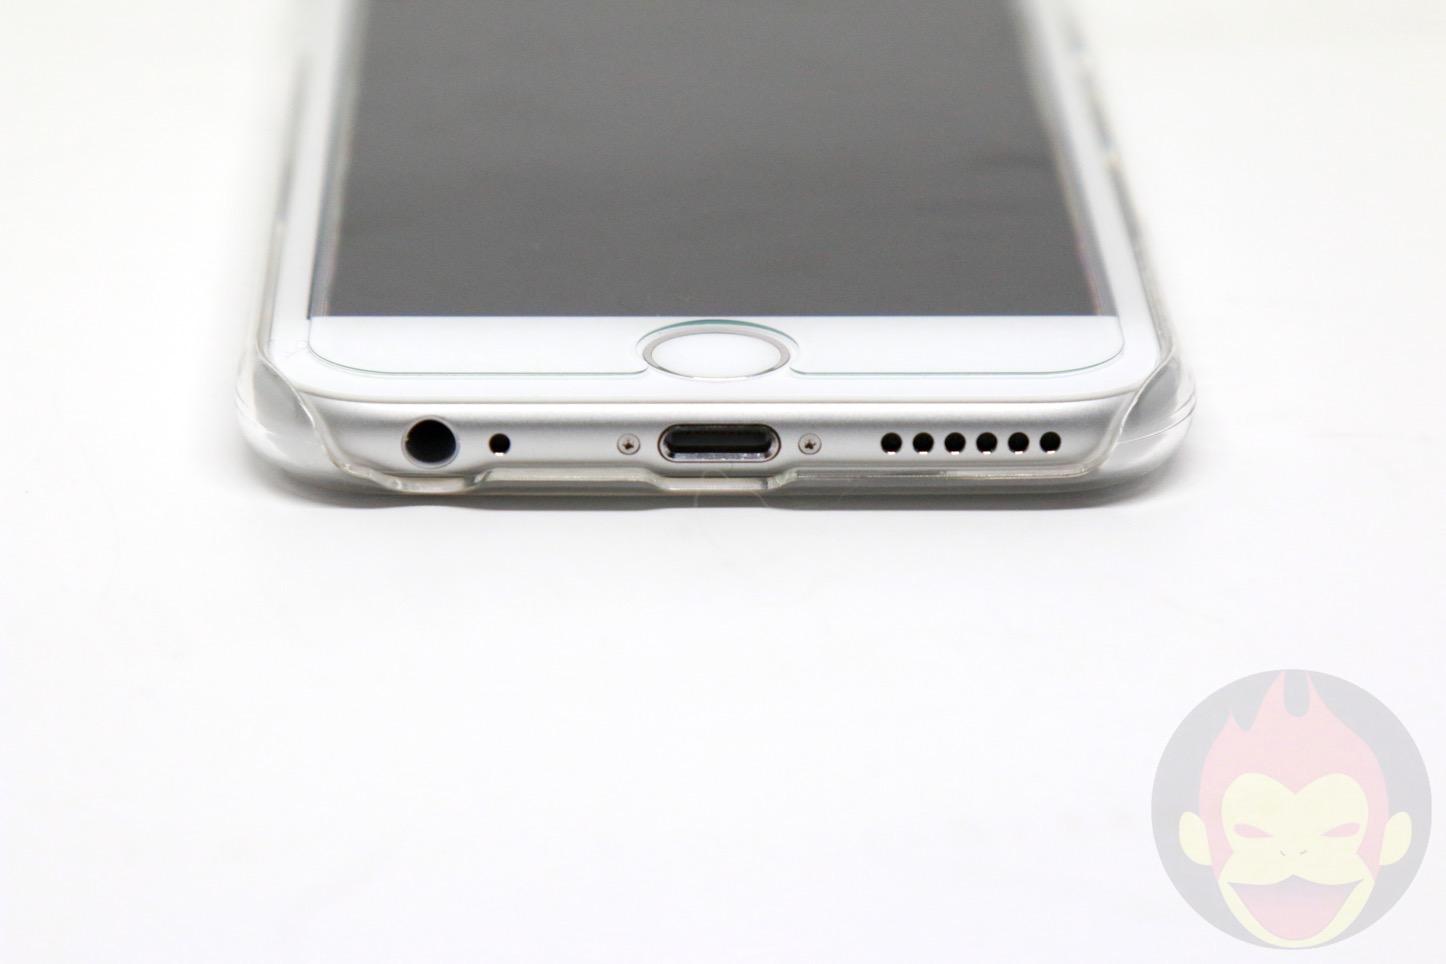 iPhone6s-Spigen-Thin-Fit-Case-03.JPG